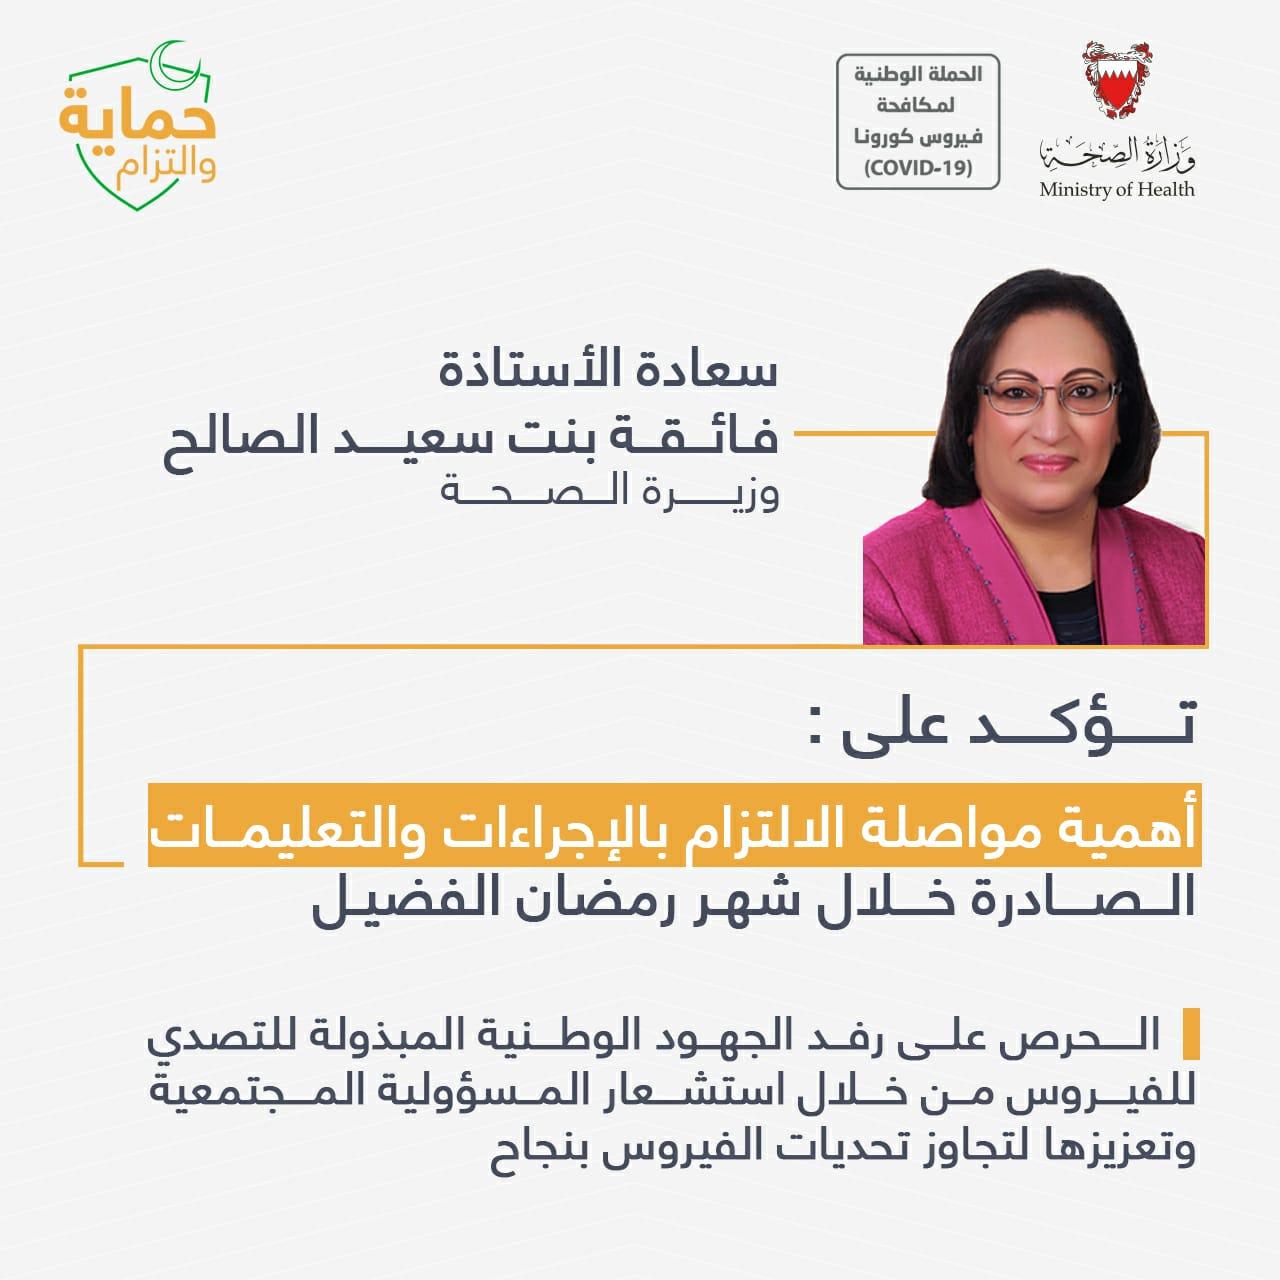 وزيرةالصحةتؤكدأهميةمواصلةالالتزامبالإجراءاتوالتعليماتالصادرةخلالشهررمضانالفضيل